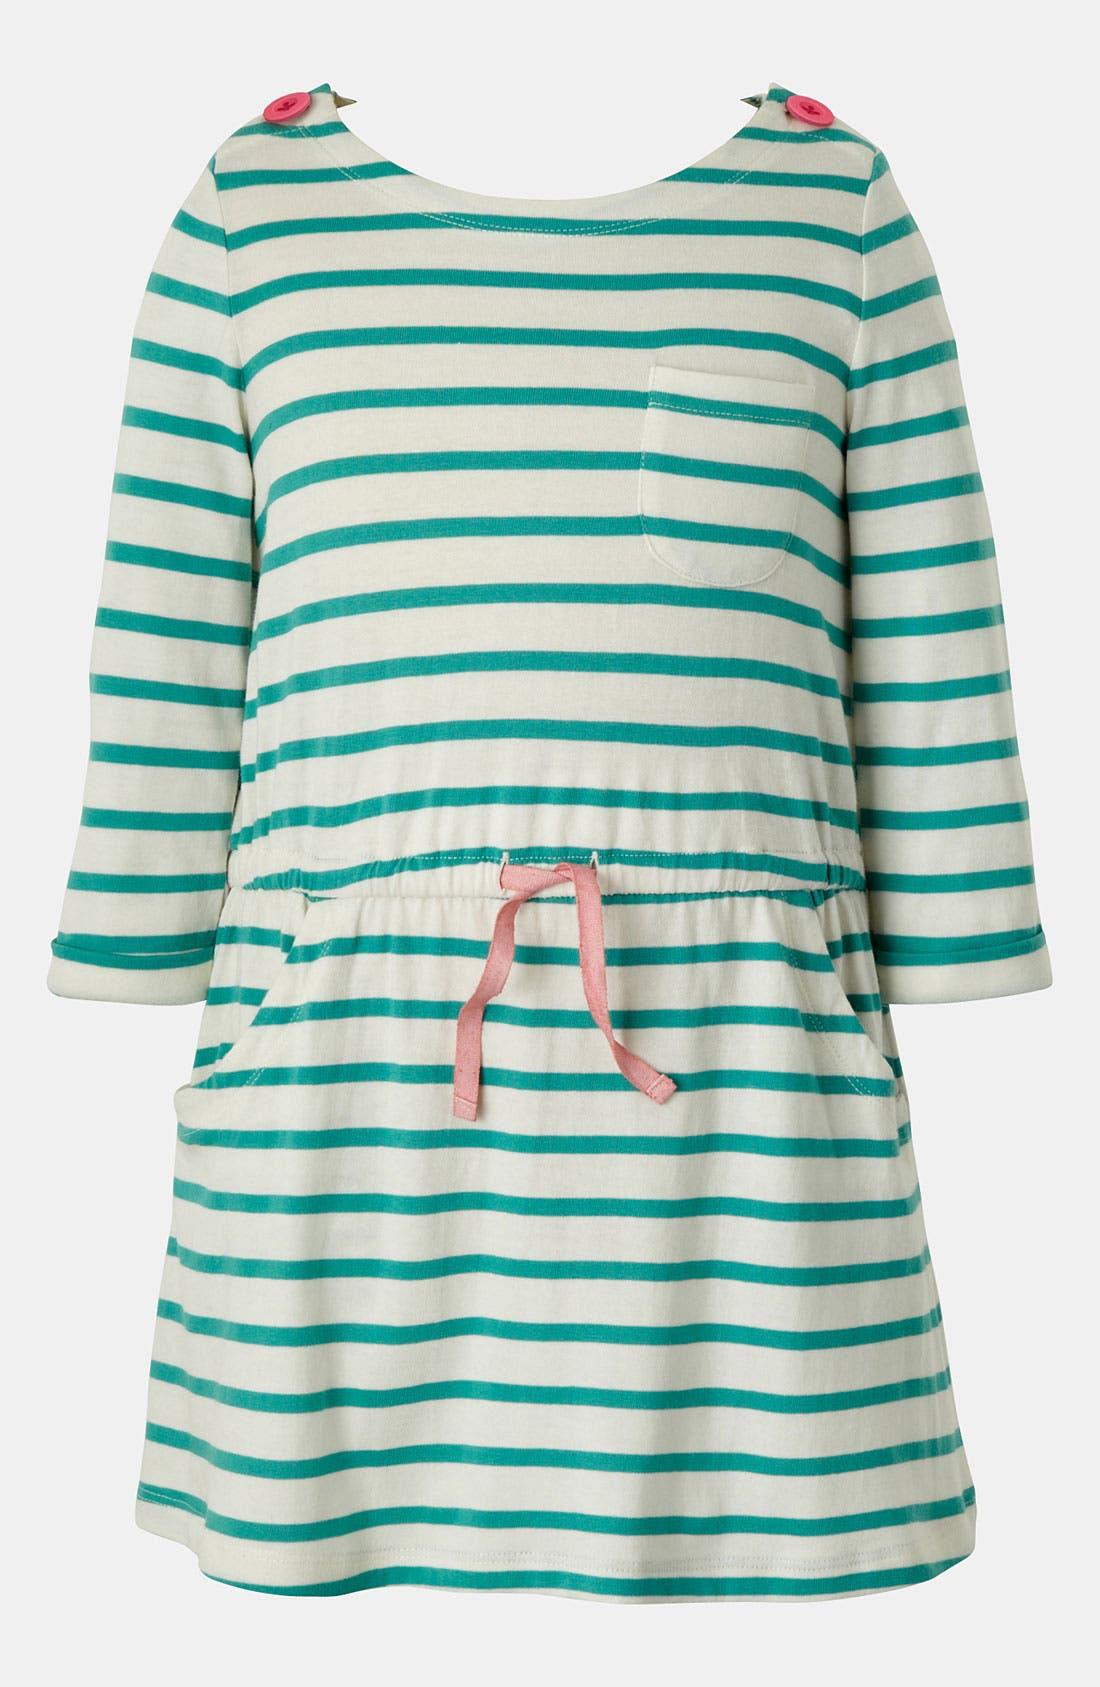 Main Image - Mini Boden Boat Neck Dress (Toddler, Little Girls & Big Girls)